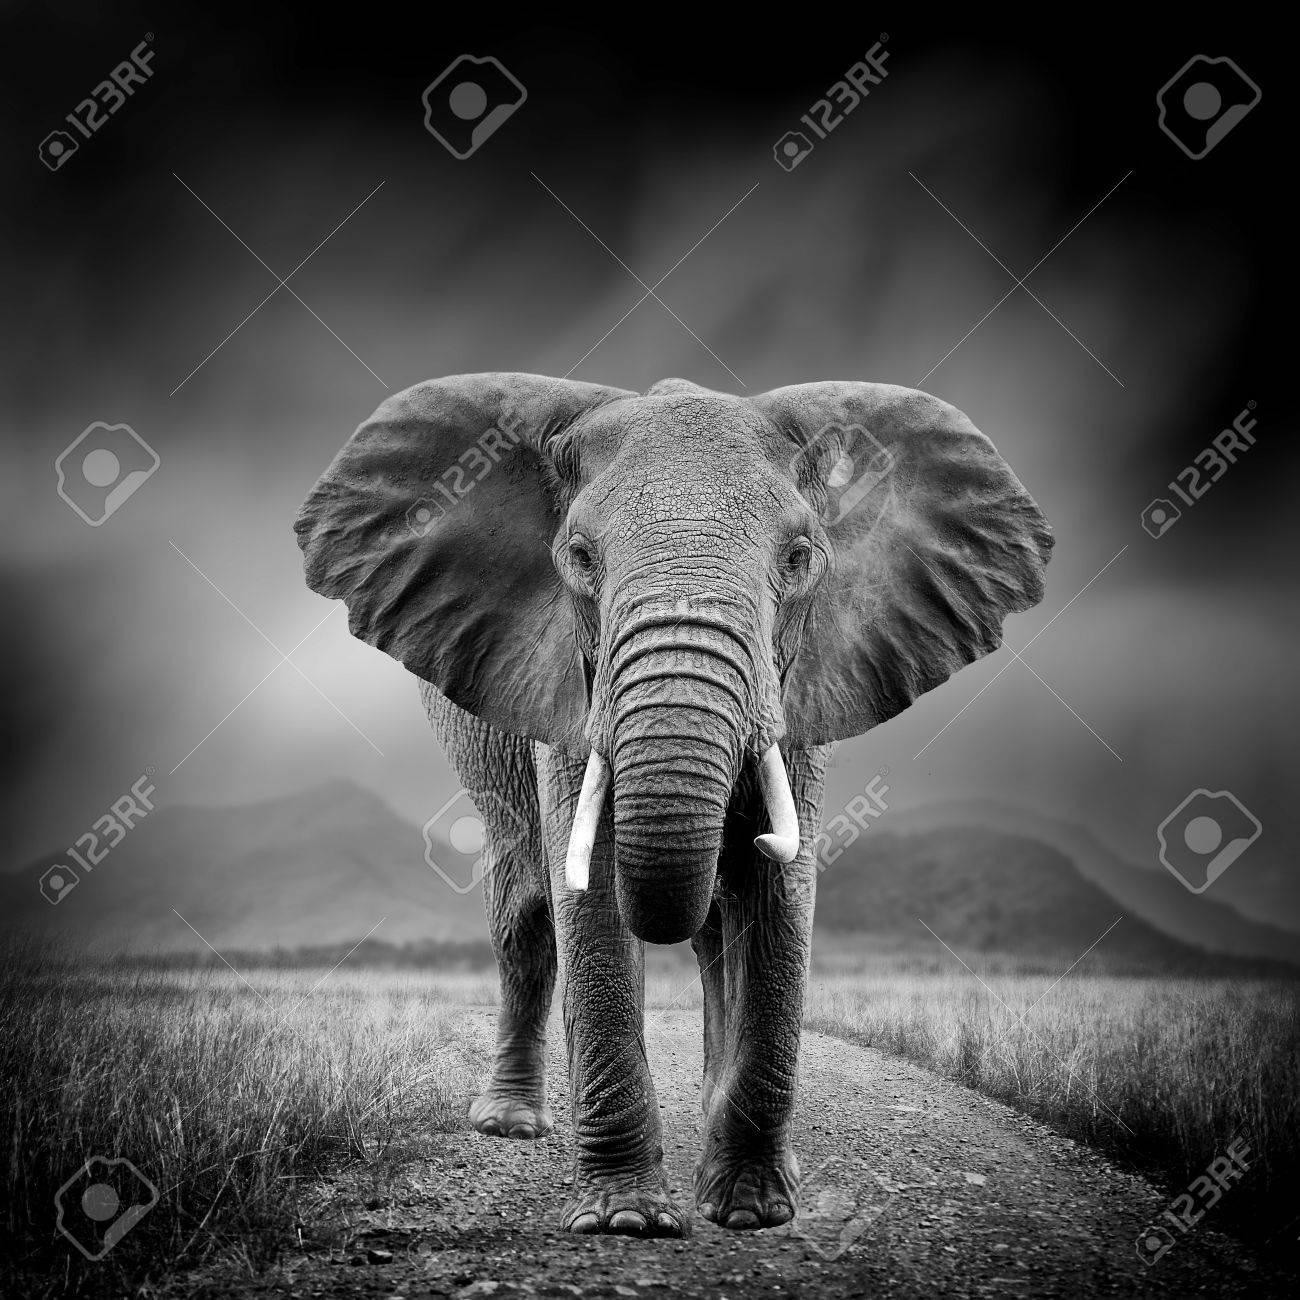 Image noir et blanc dramatique d'un éléphant sur fond noir Banque d'images - 76763062